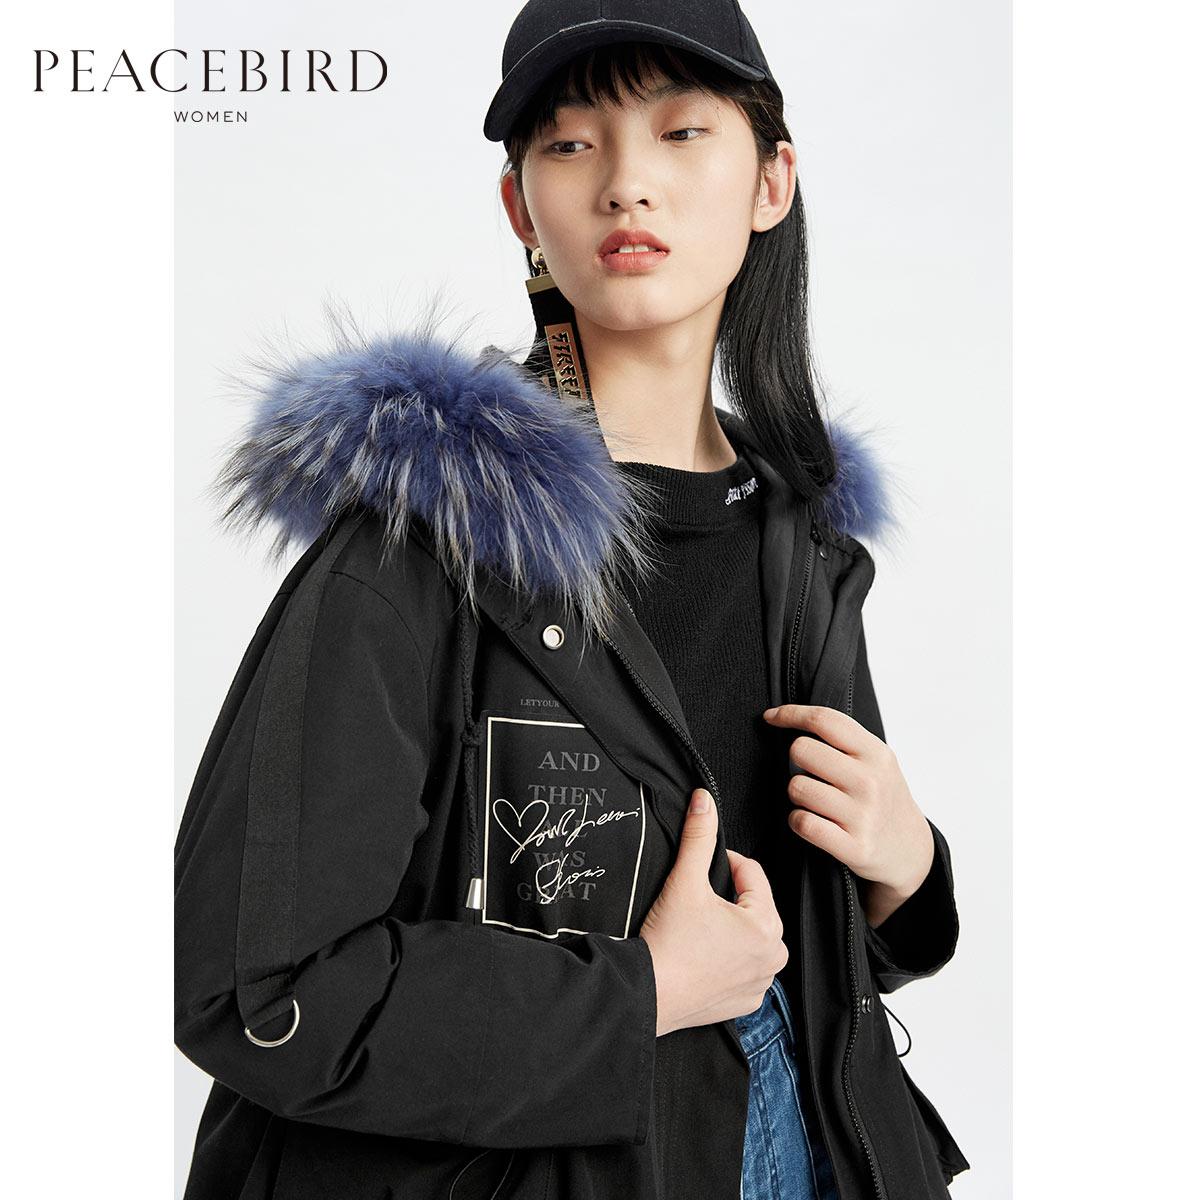 黑色连帽羽绒服女2018春季新款连帽直筒宽松长袖外套女太平鸟女装